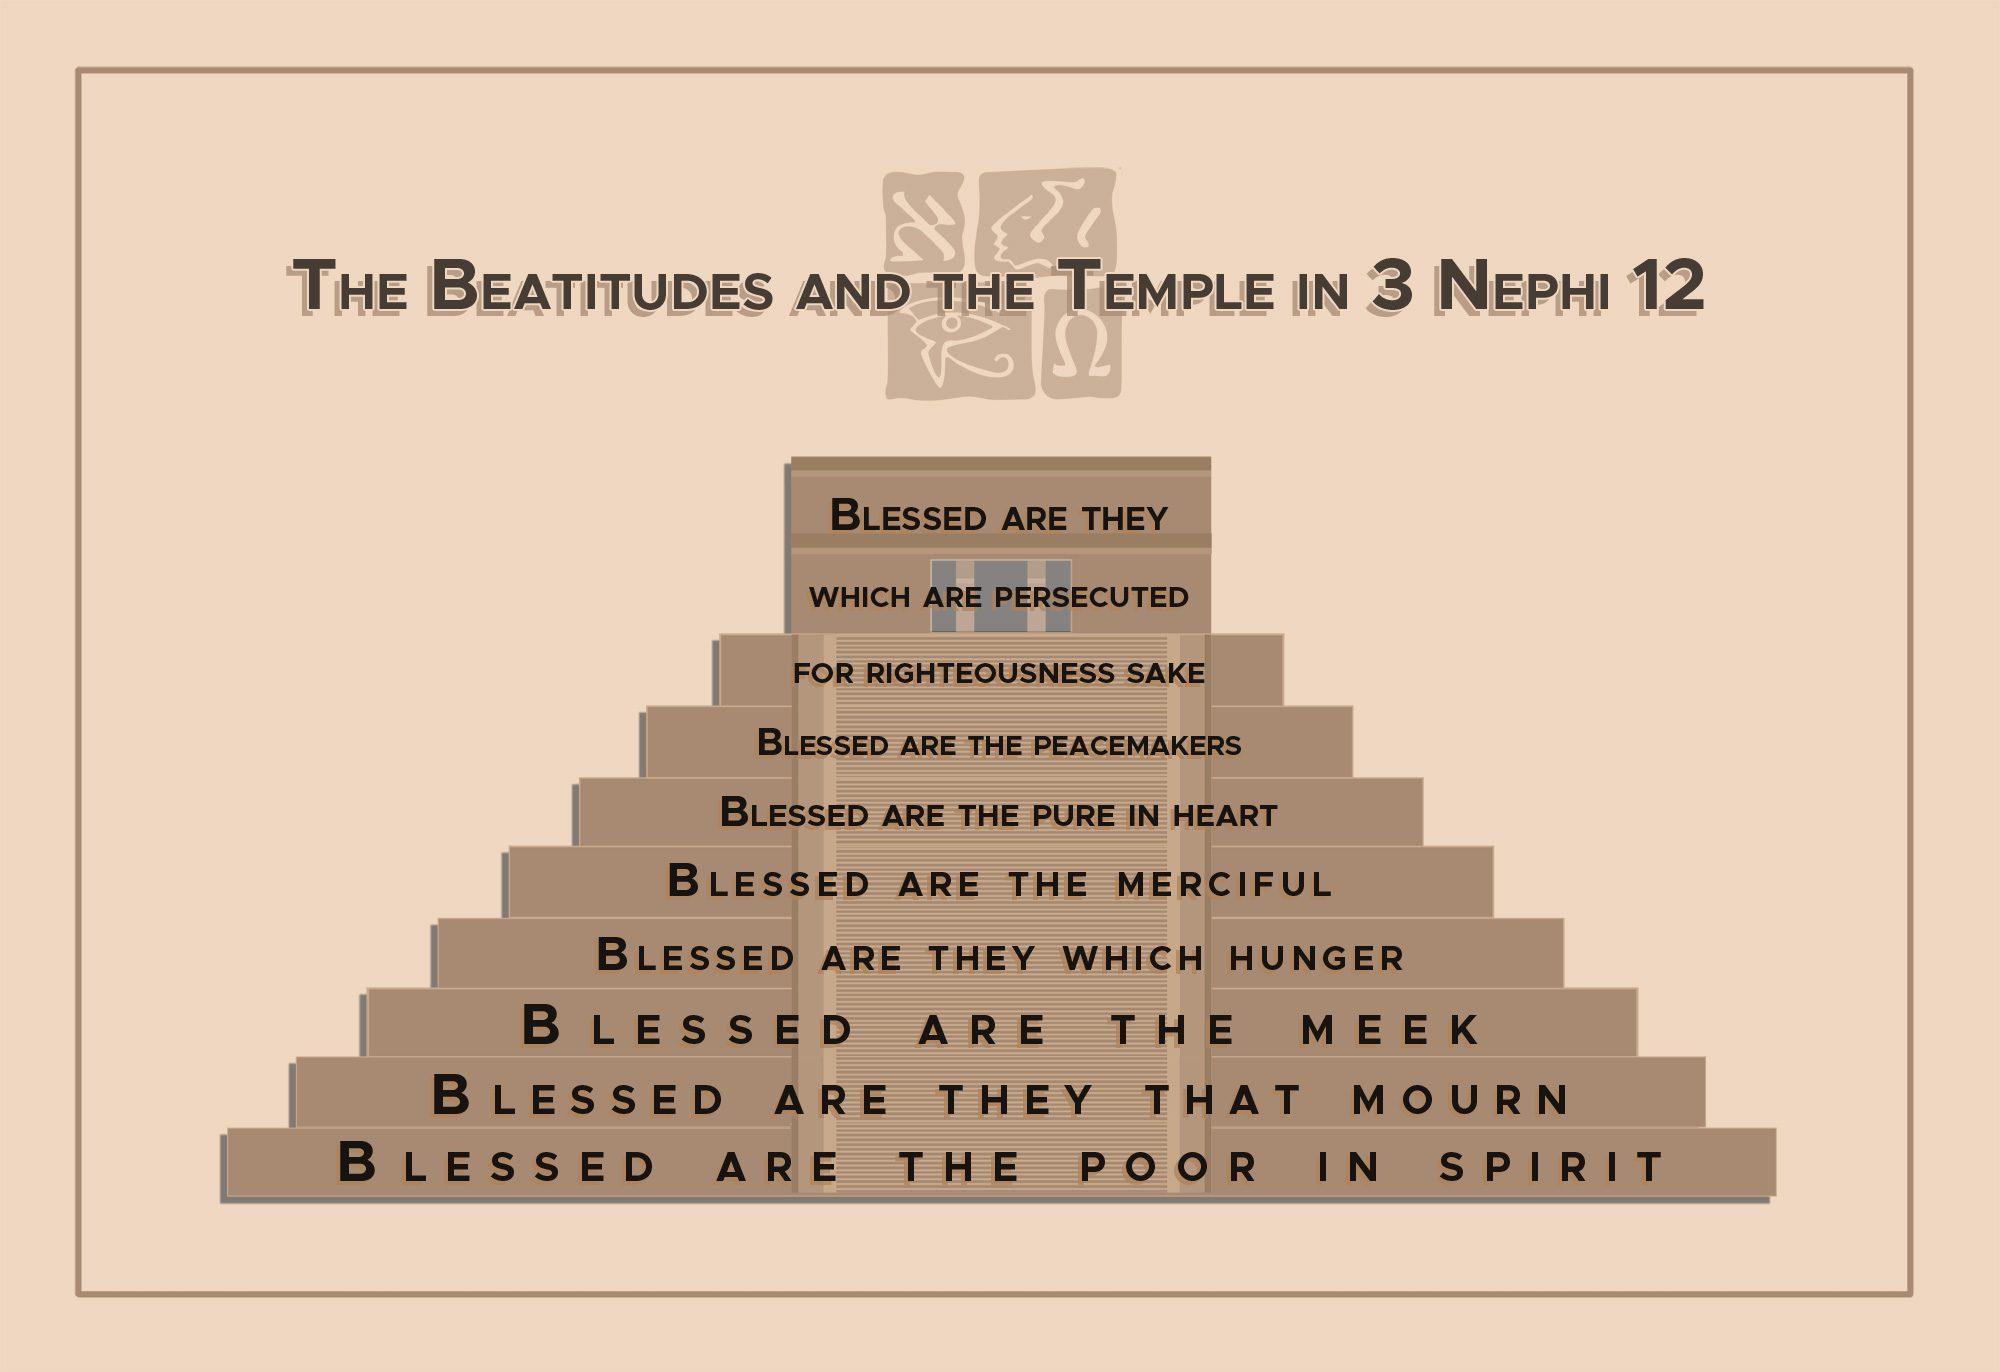 beautitudes-temple